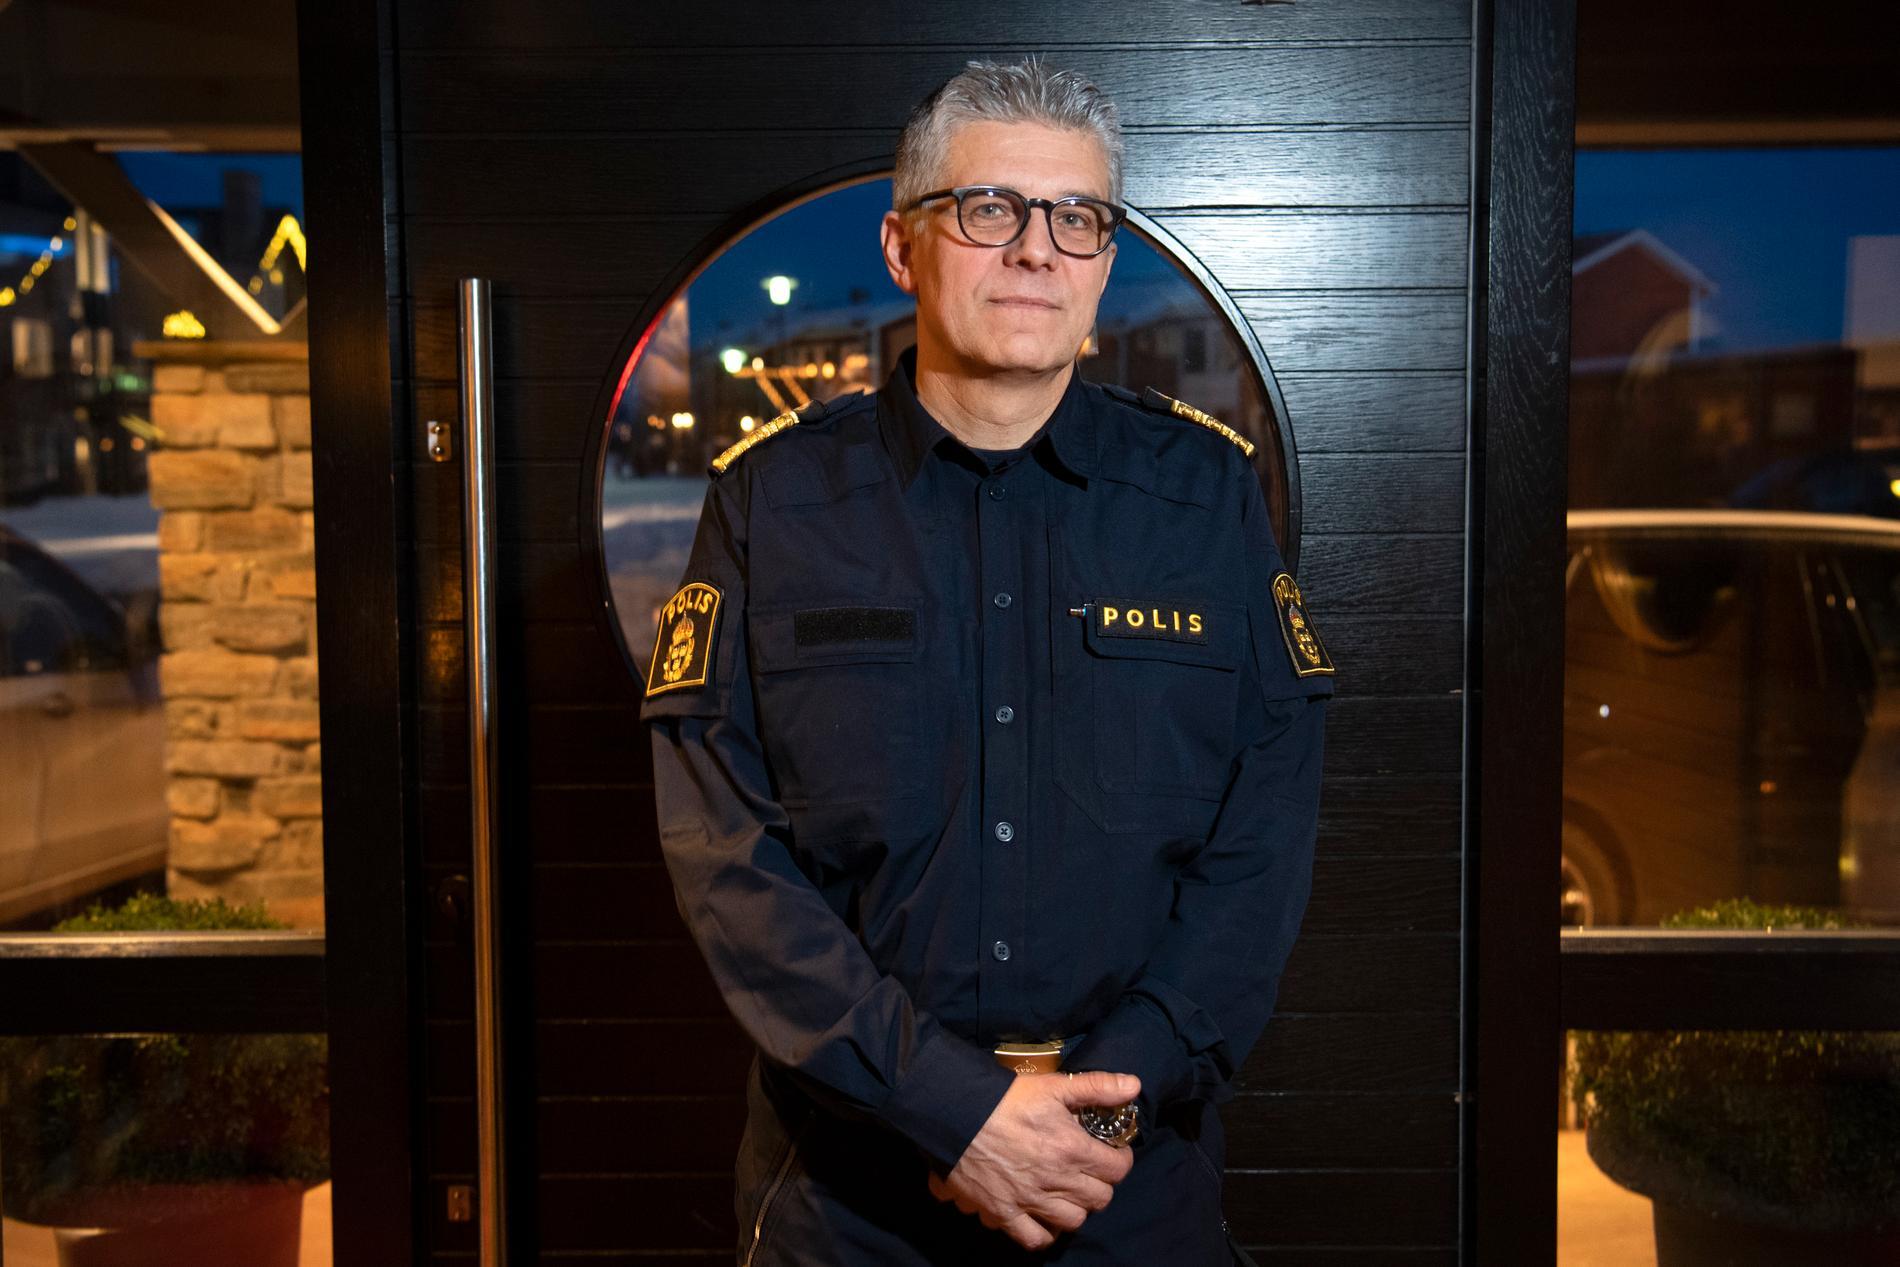 Rikspolischefen Anders Thornberg vill kunna få stöd av försvaret vid en eskalerande gråzonsproblematik. Arkivbild.